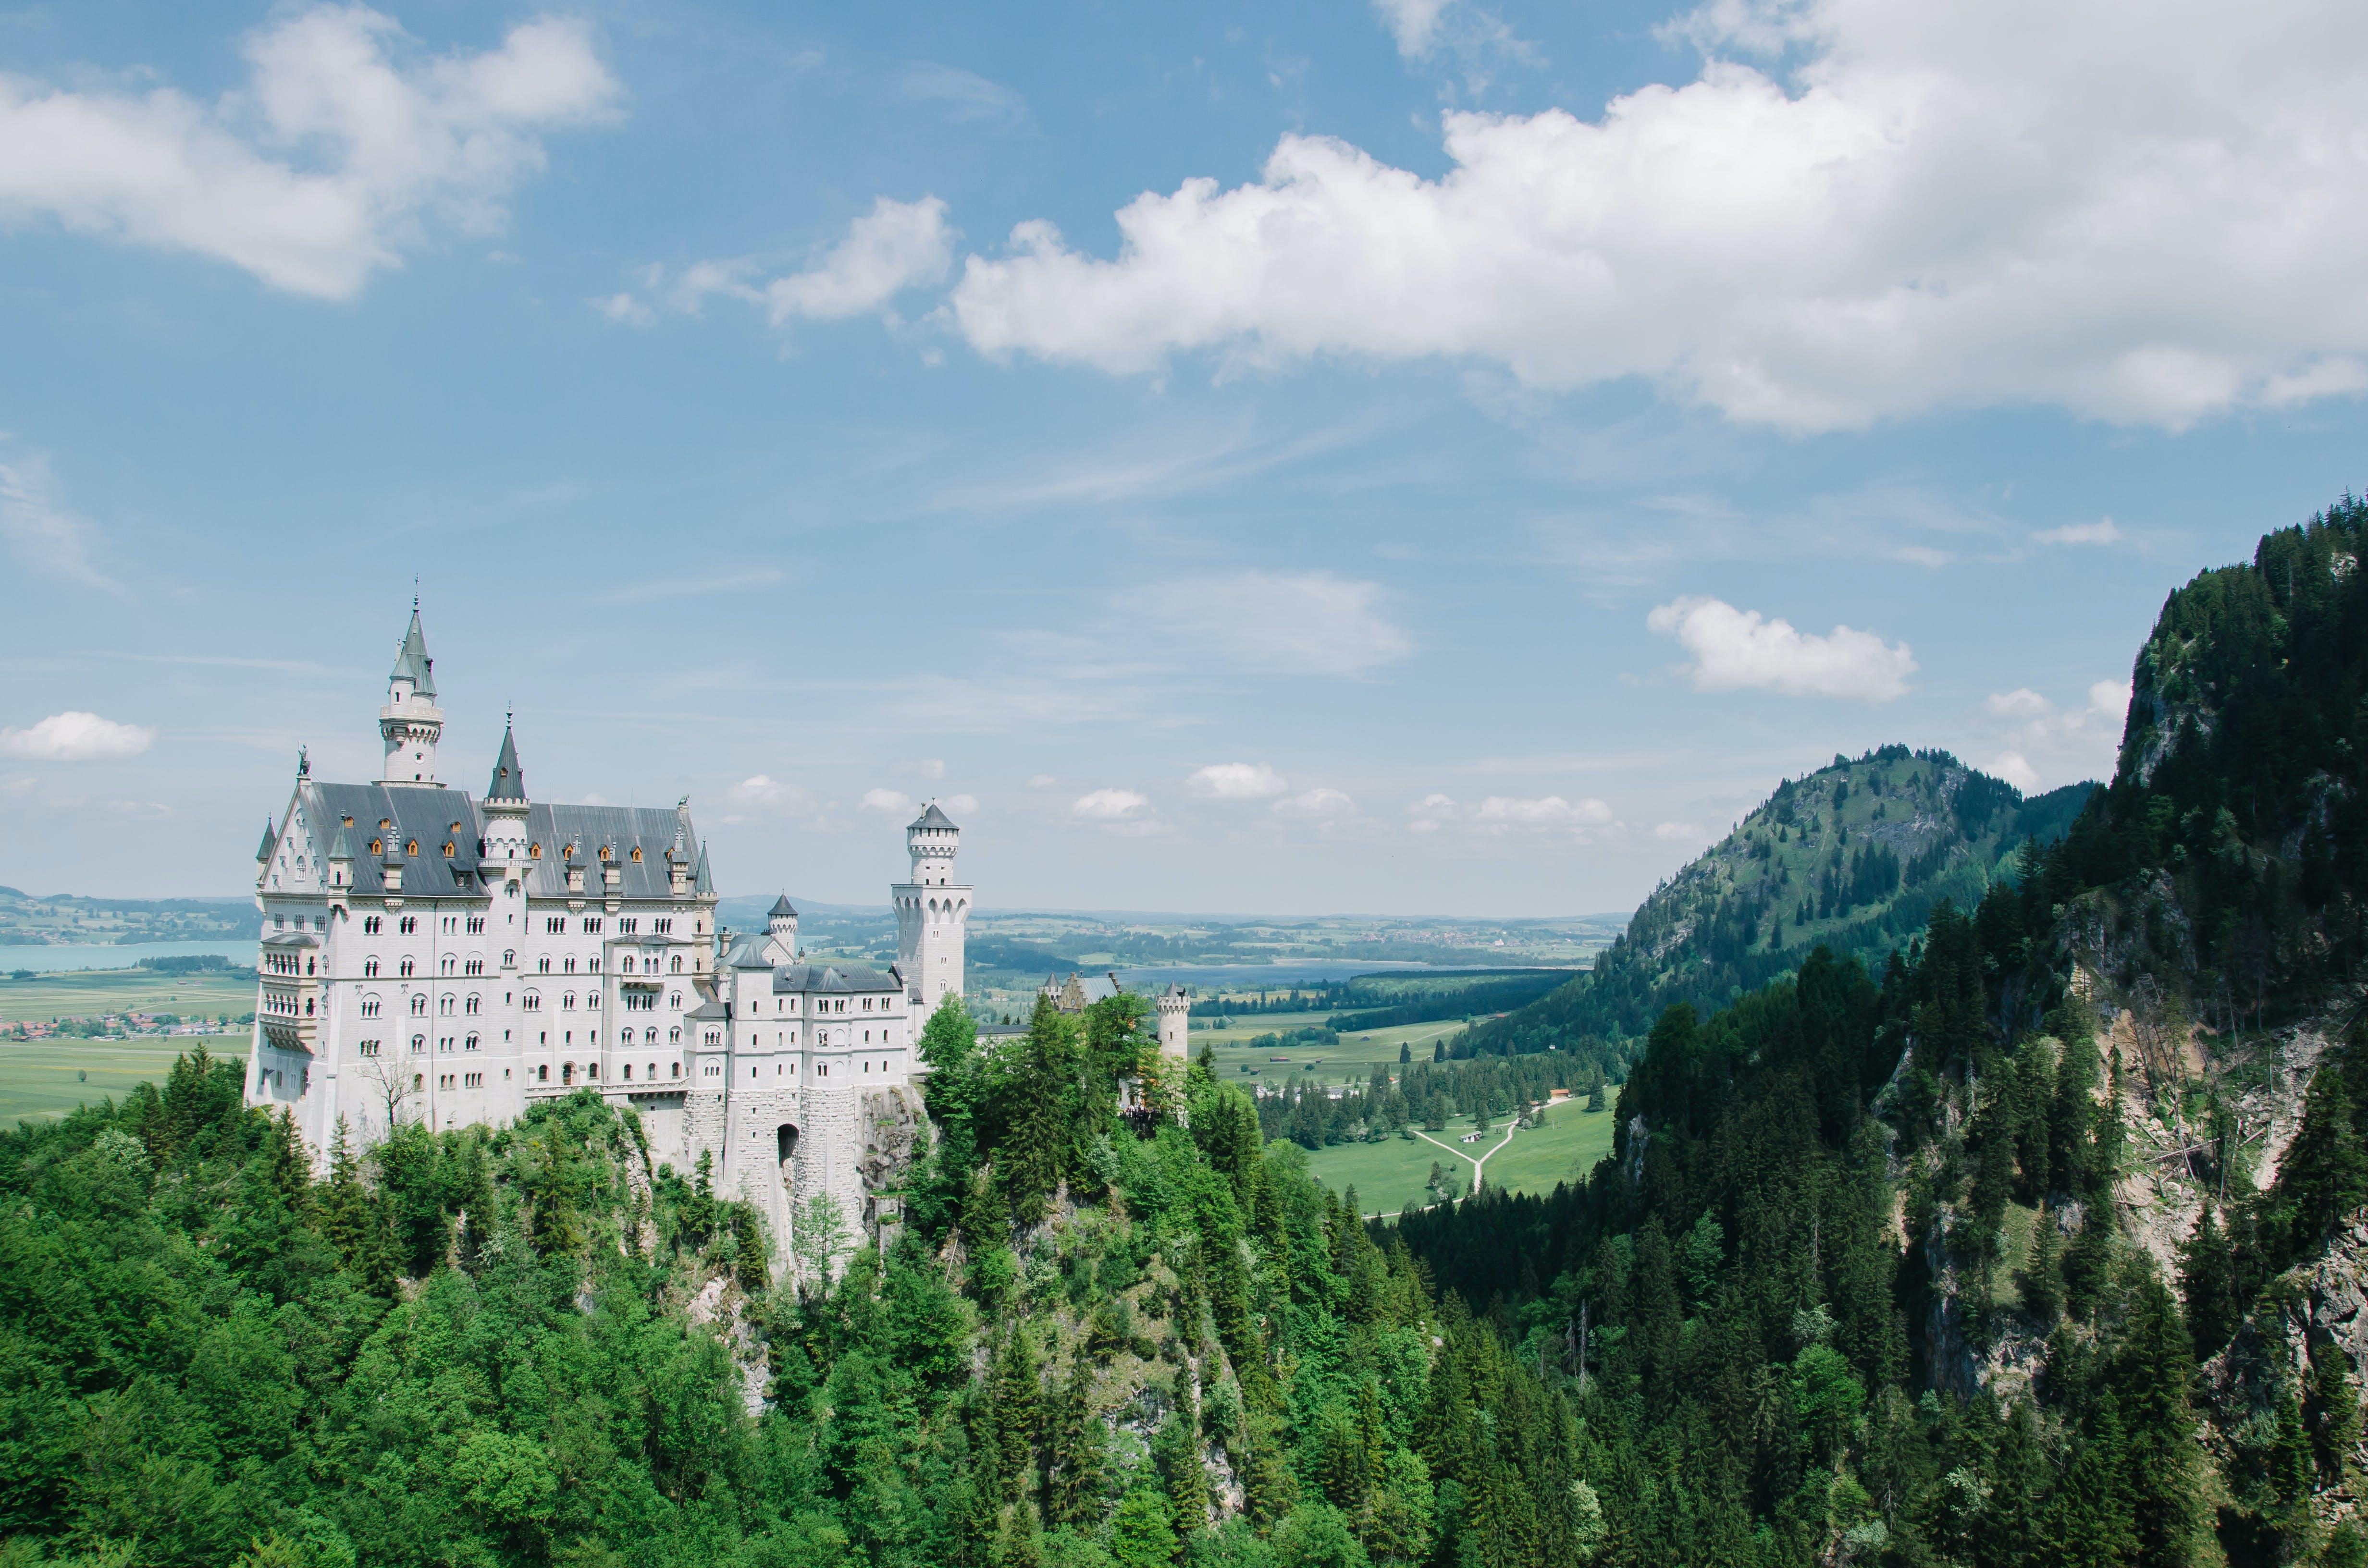 Gratis lagerfoto af Bayern, borg, Neuschwanstein-slottet, palads